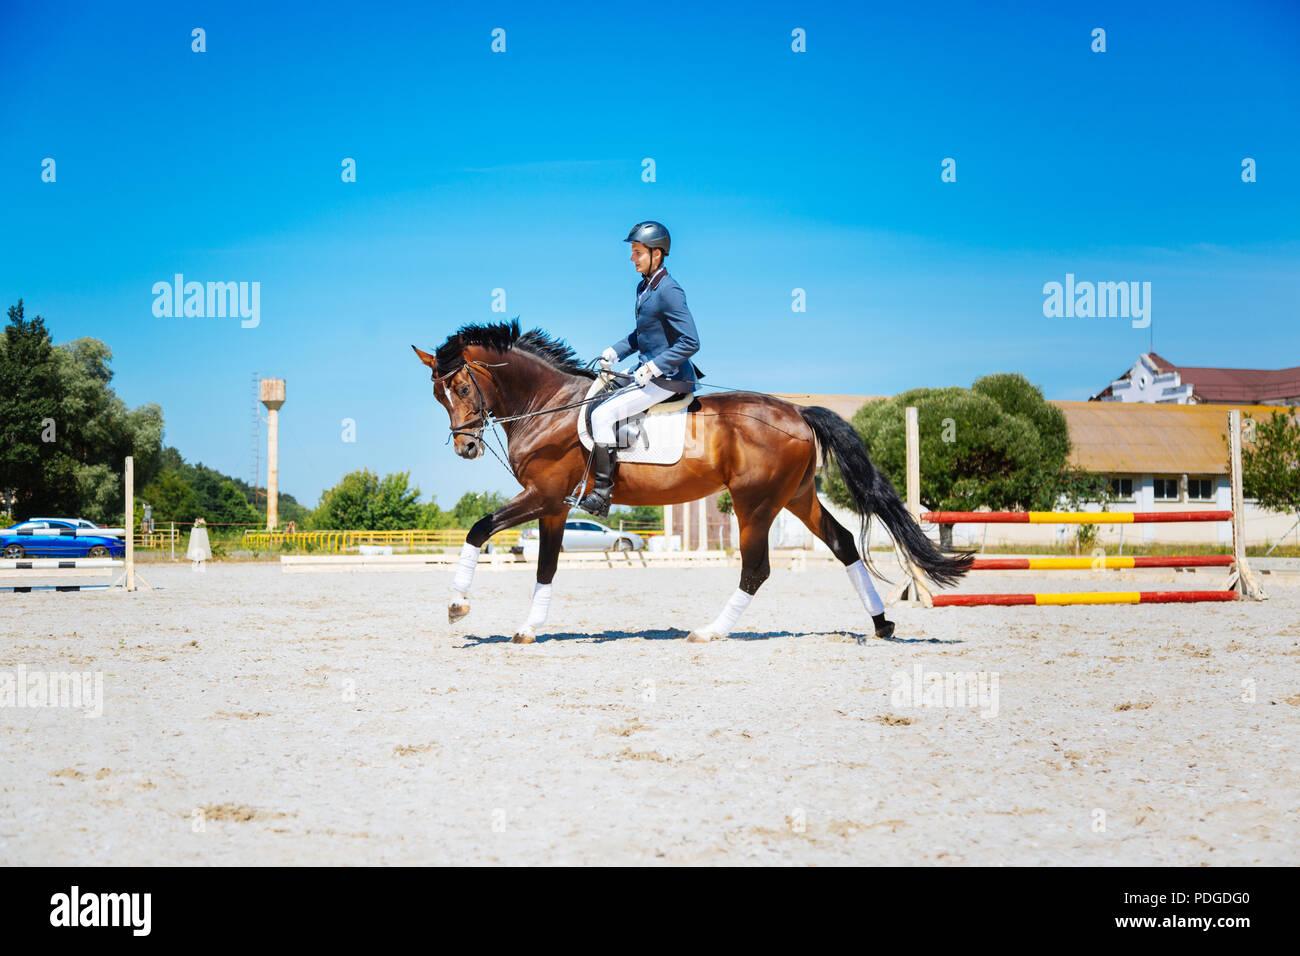 Équitation prometteuses son cheval brun très rapide Photo Stock